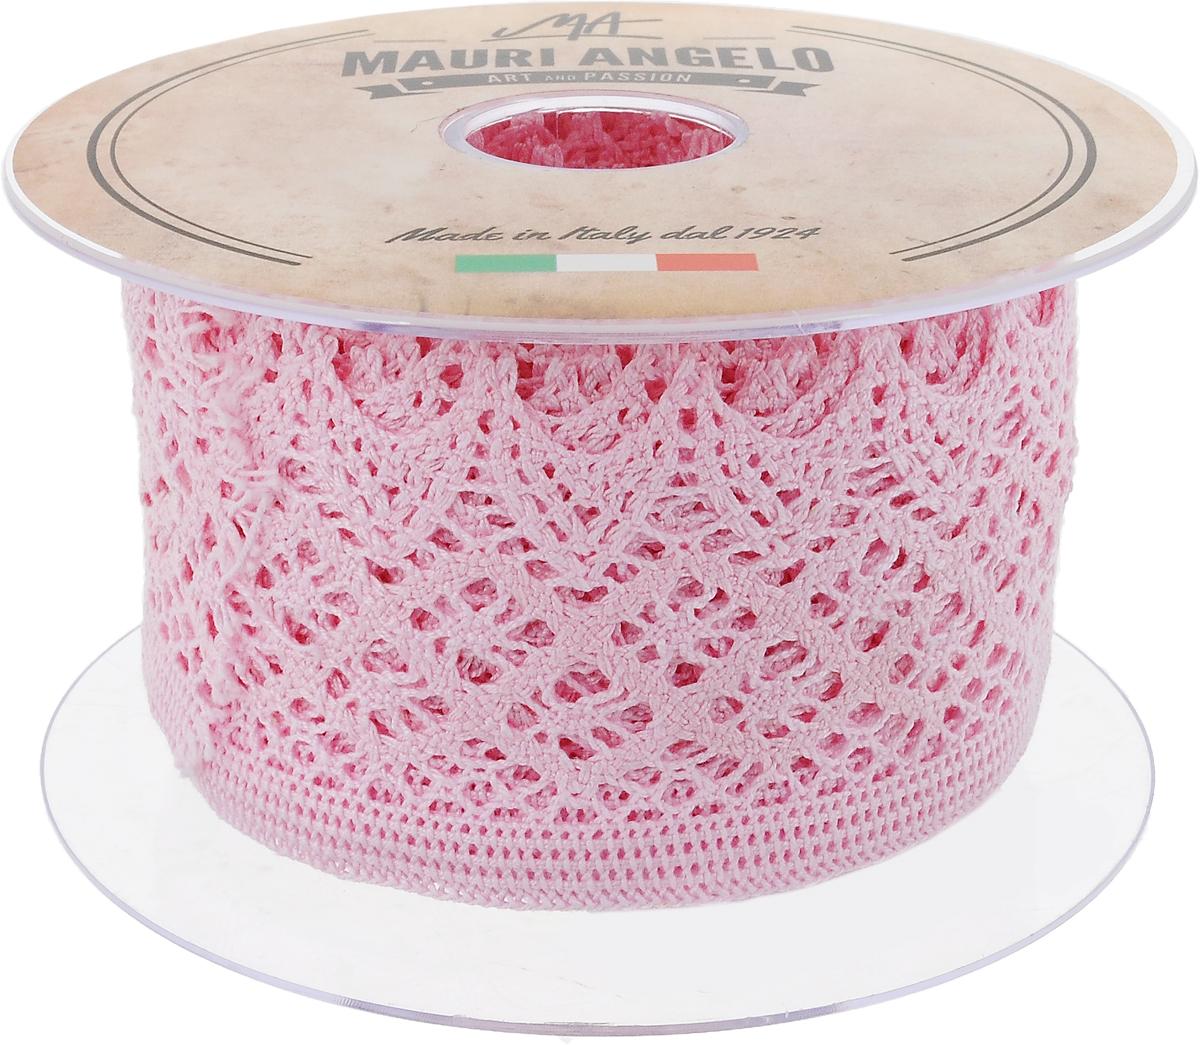 Лента кружевная Mauri Angelo, цвет: розовый, 5,9 см х 10 мMR4133/015_розовыйДекоративная кружевная лента Mauri Angelo - текстильное изделие без тканой основы, в котором ажурный орнамент и изображения образуются в результате переплетения нитей. Кружево применяется для отделки одежды, белья в виде окаймления или вставок, а также в оформлении интерьера, декоративных панно, скатертей, тюлей, покрывал. Главные особенности кружева - воздушность, тонкость, эластичность, узорность.Декоративная кружевная лента Mauri Angelo станет незаменимым элементом в создании рукотворного шедевра. Ширина: 5,9 см.Длина: 10 м.